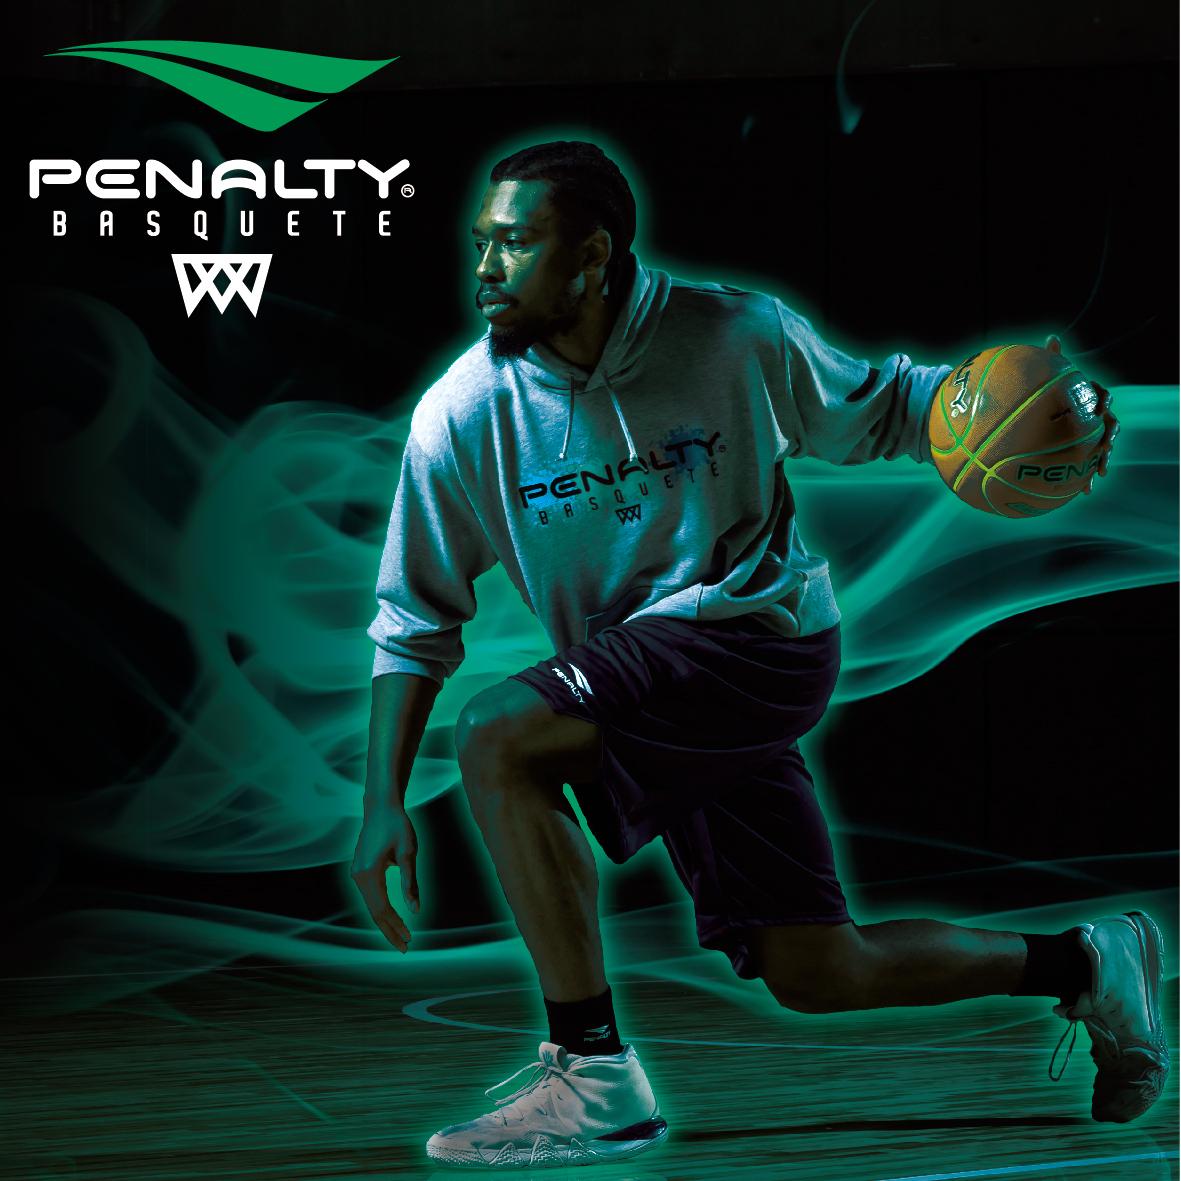 PENALTYよりバスケットボール商品/カスタムオーダーシステムが新登場